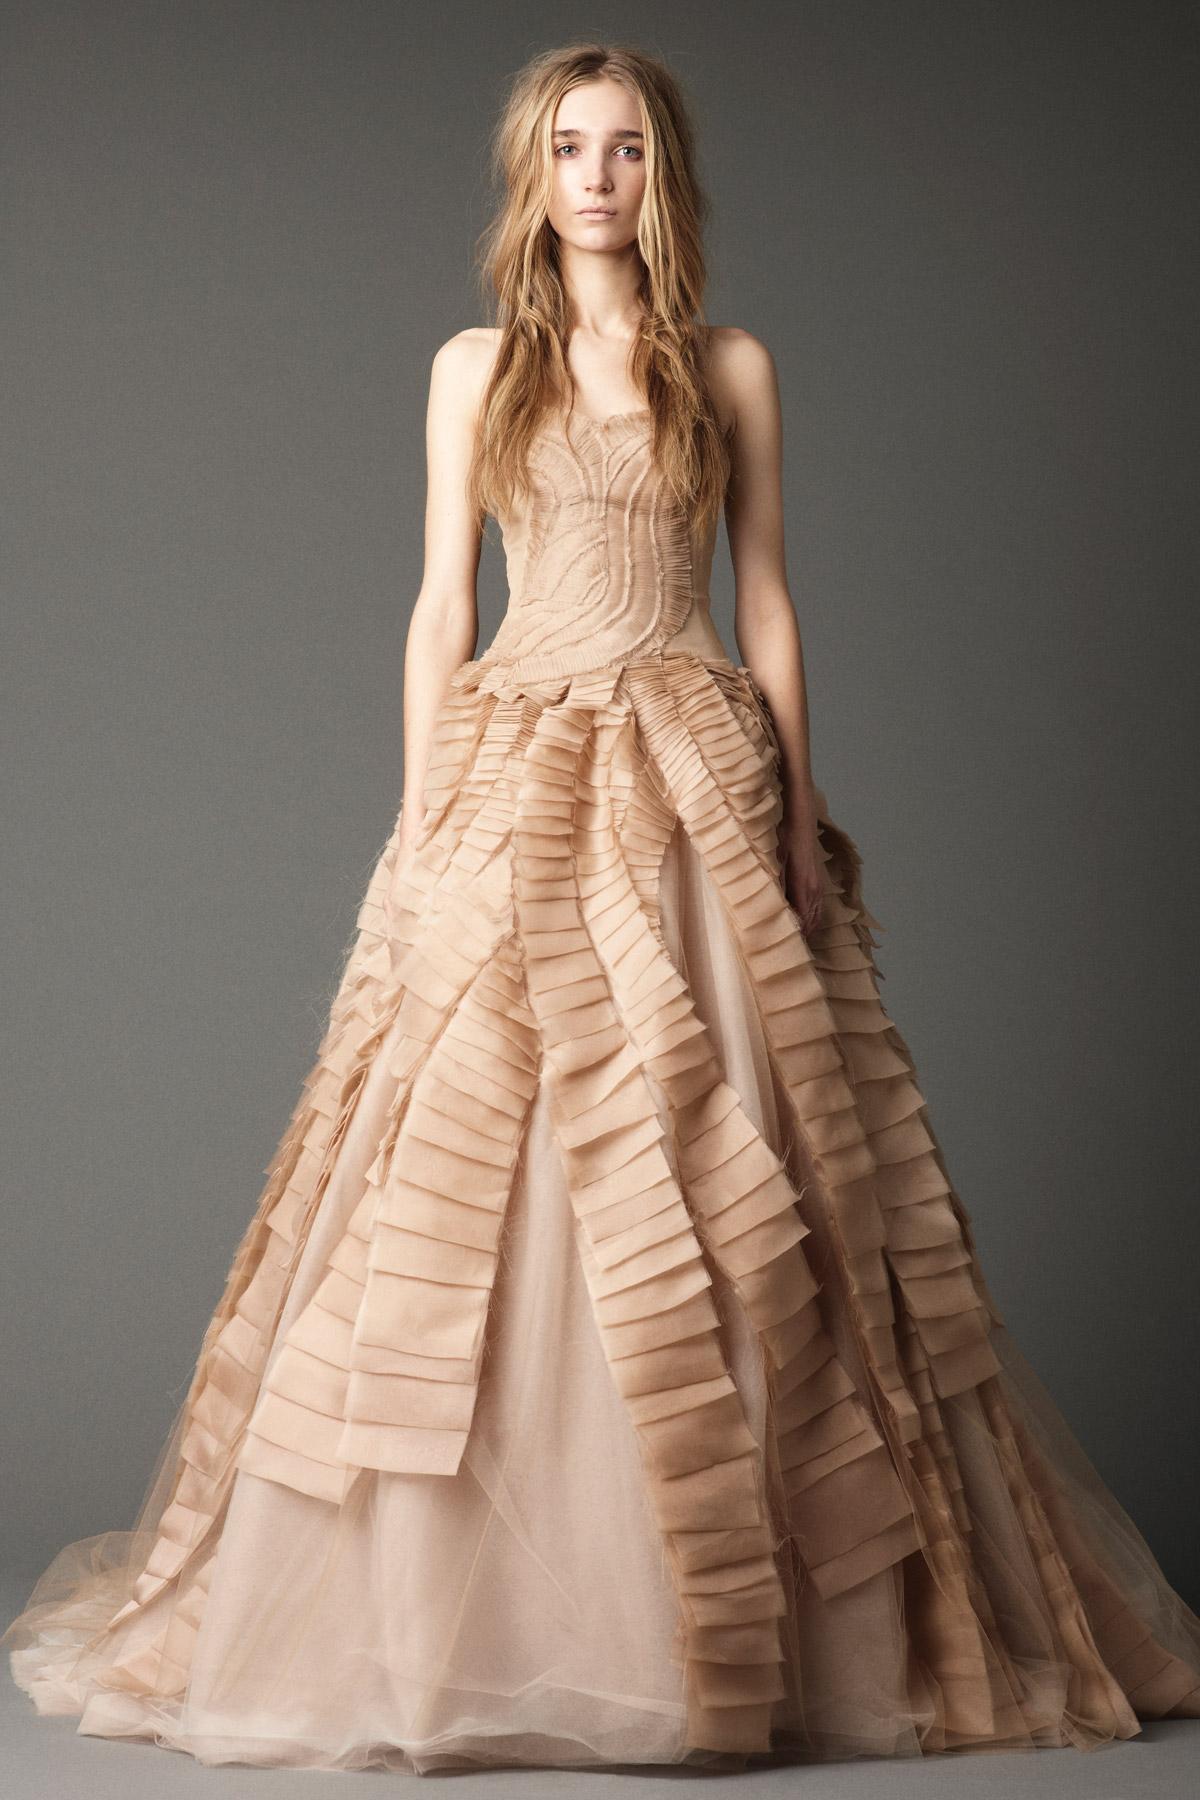 2012 Fall 2013 Winter Nail Polish Trends: Vera Wang Fall Winter 2012 Bridal Collection